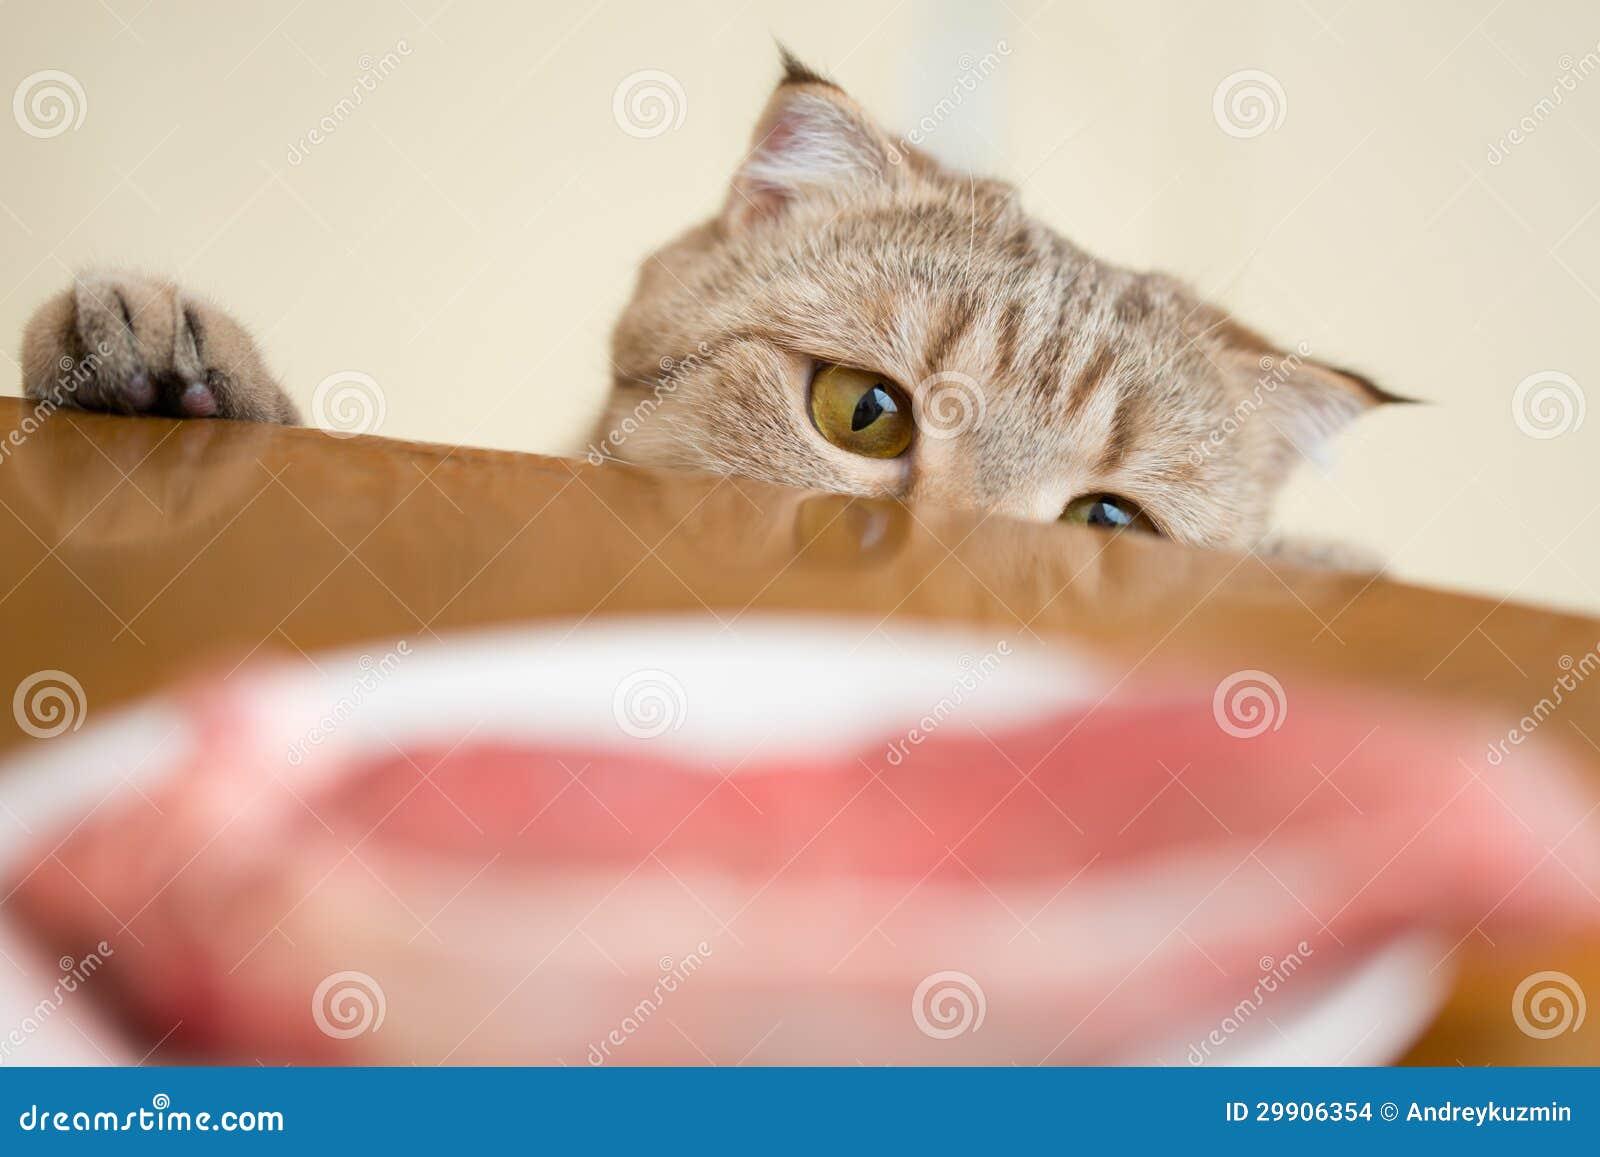 Katze, die versucht, rohes Fleisch vom Küchentisch zu stehlen